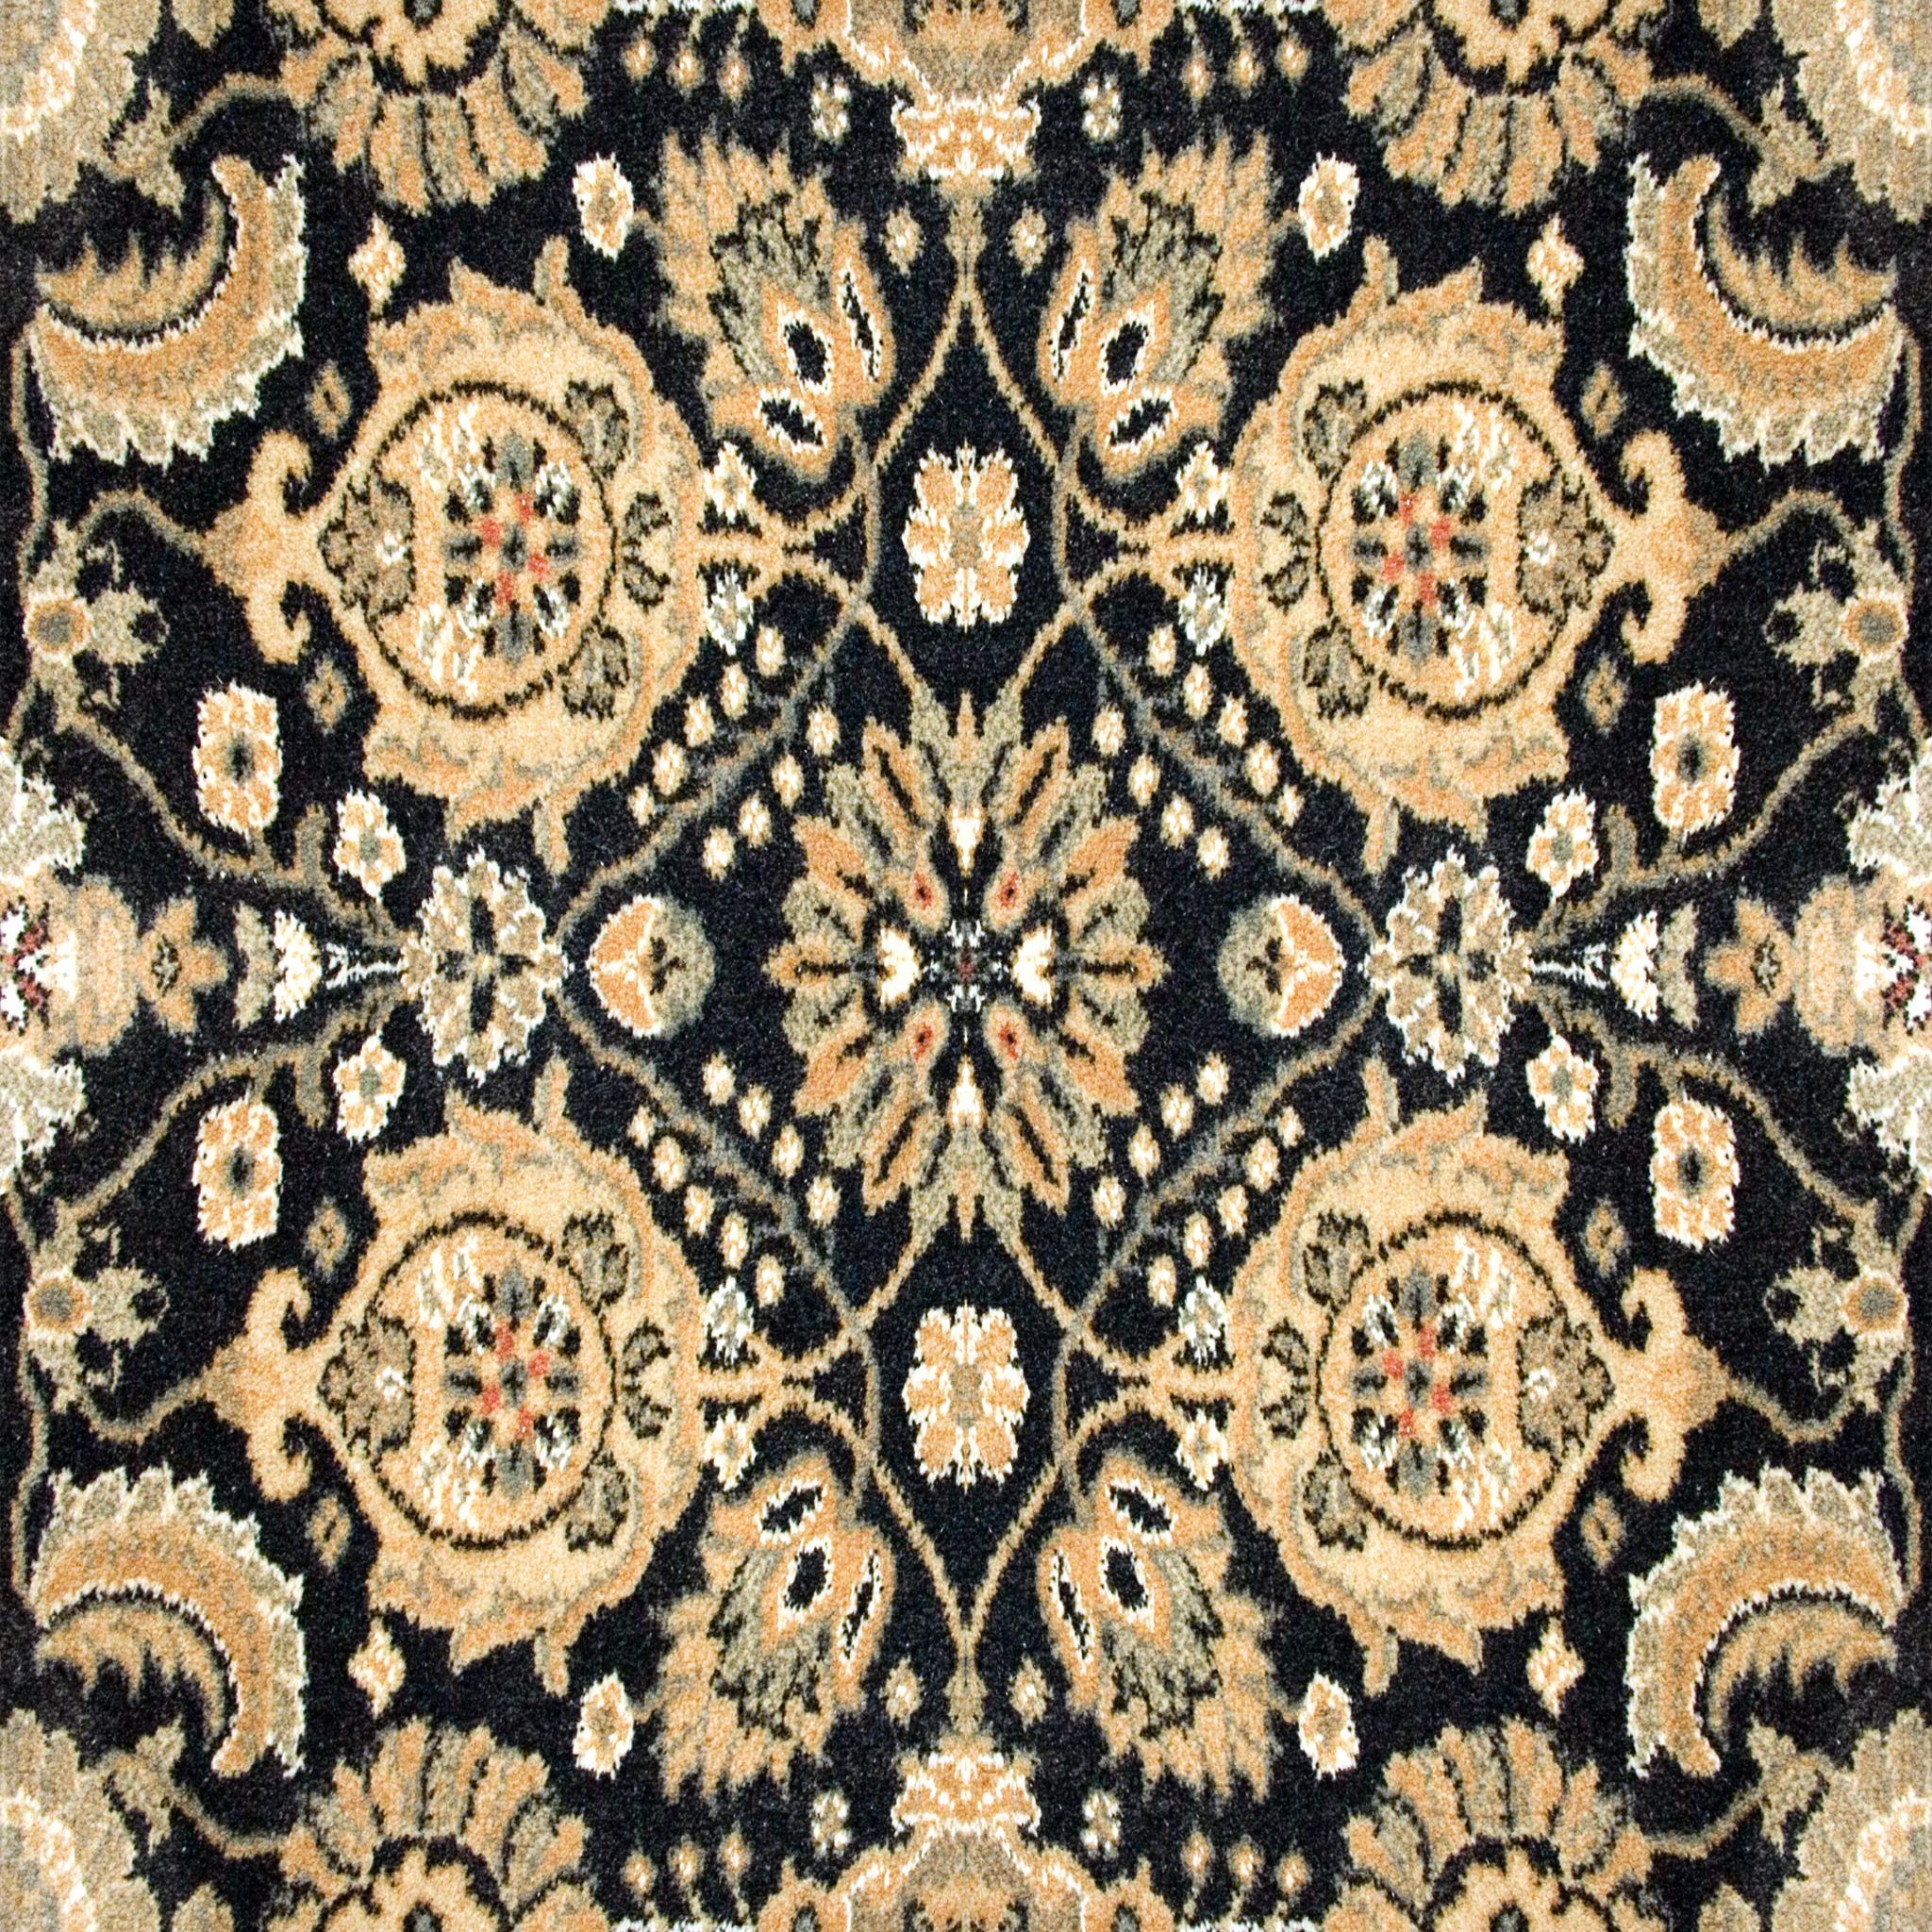 Black Knight Carpet.jpg